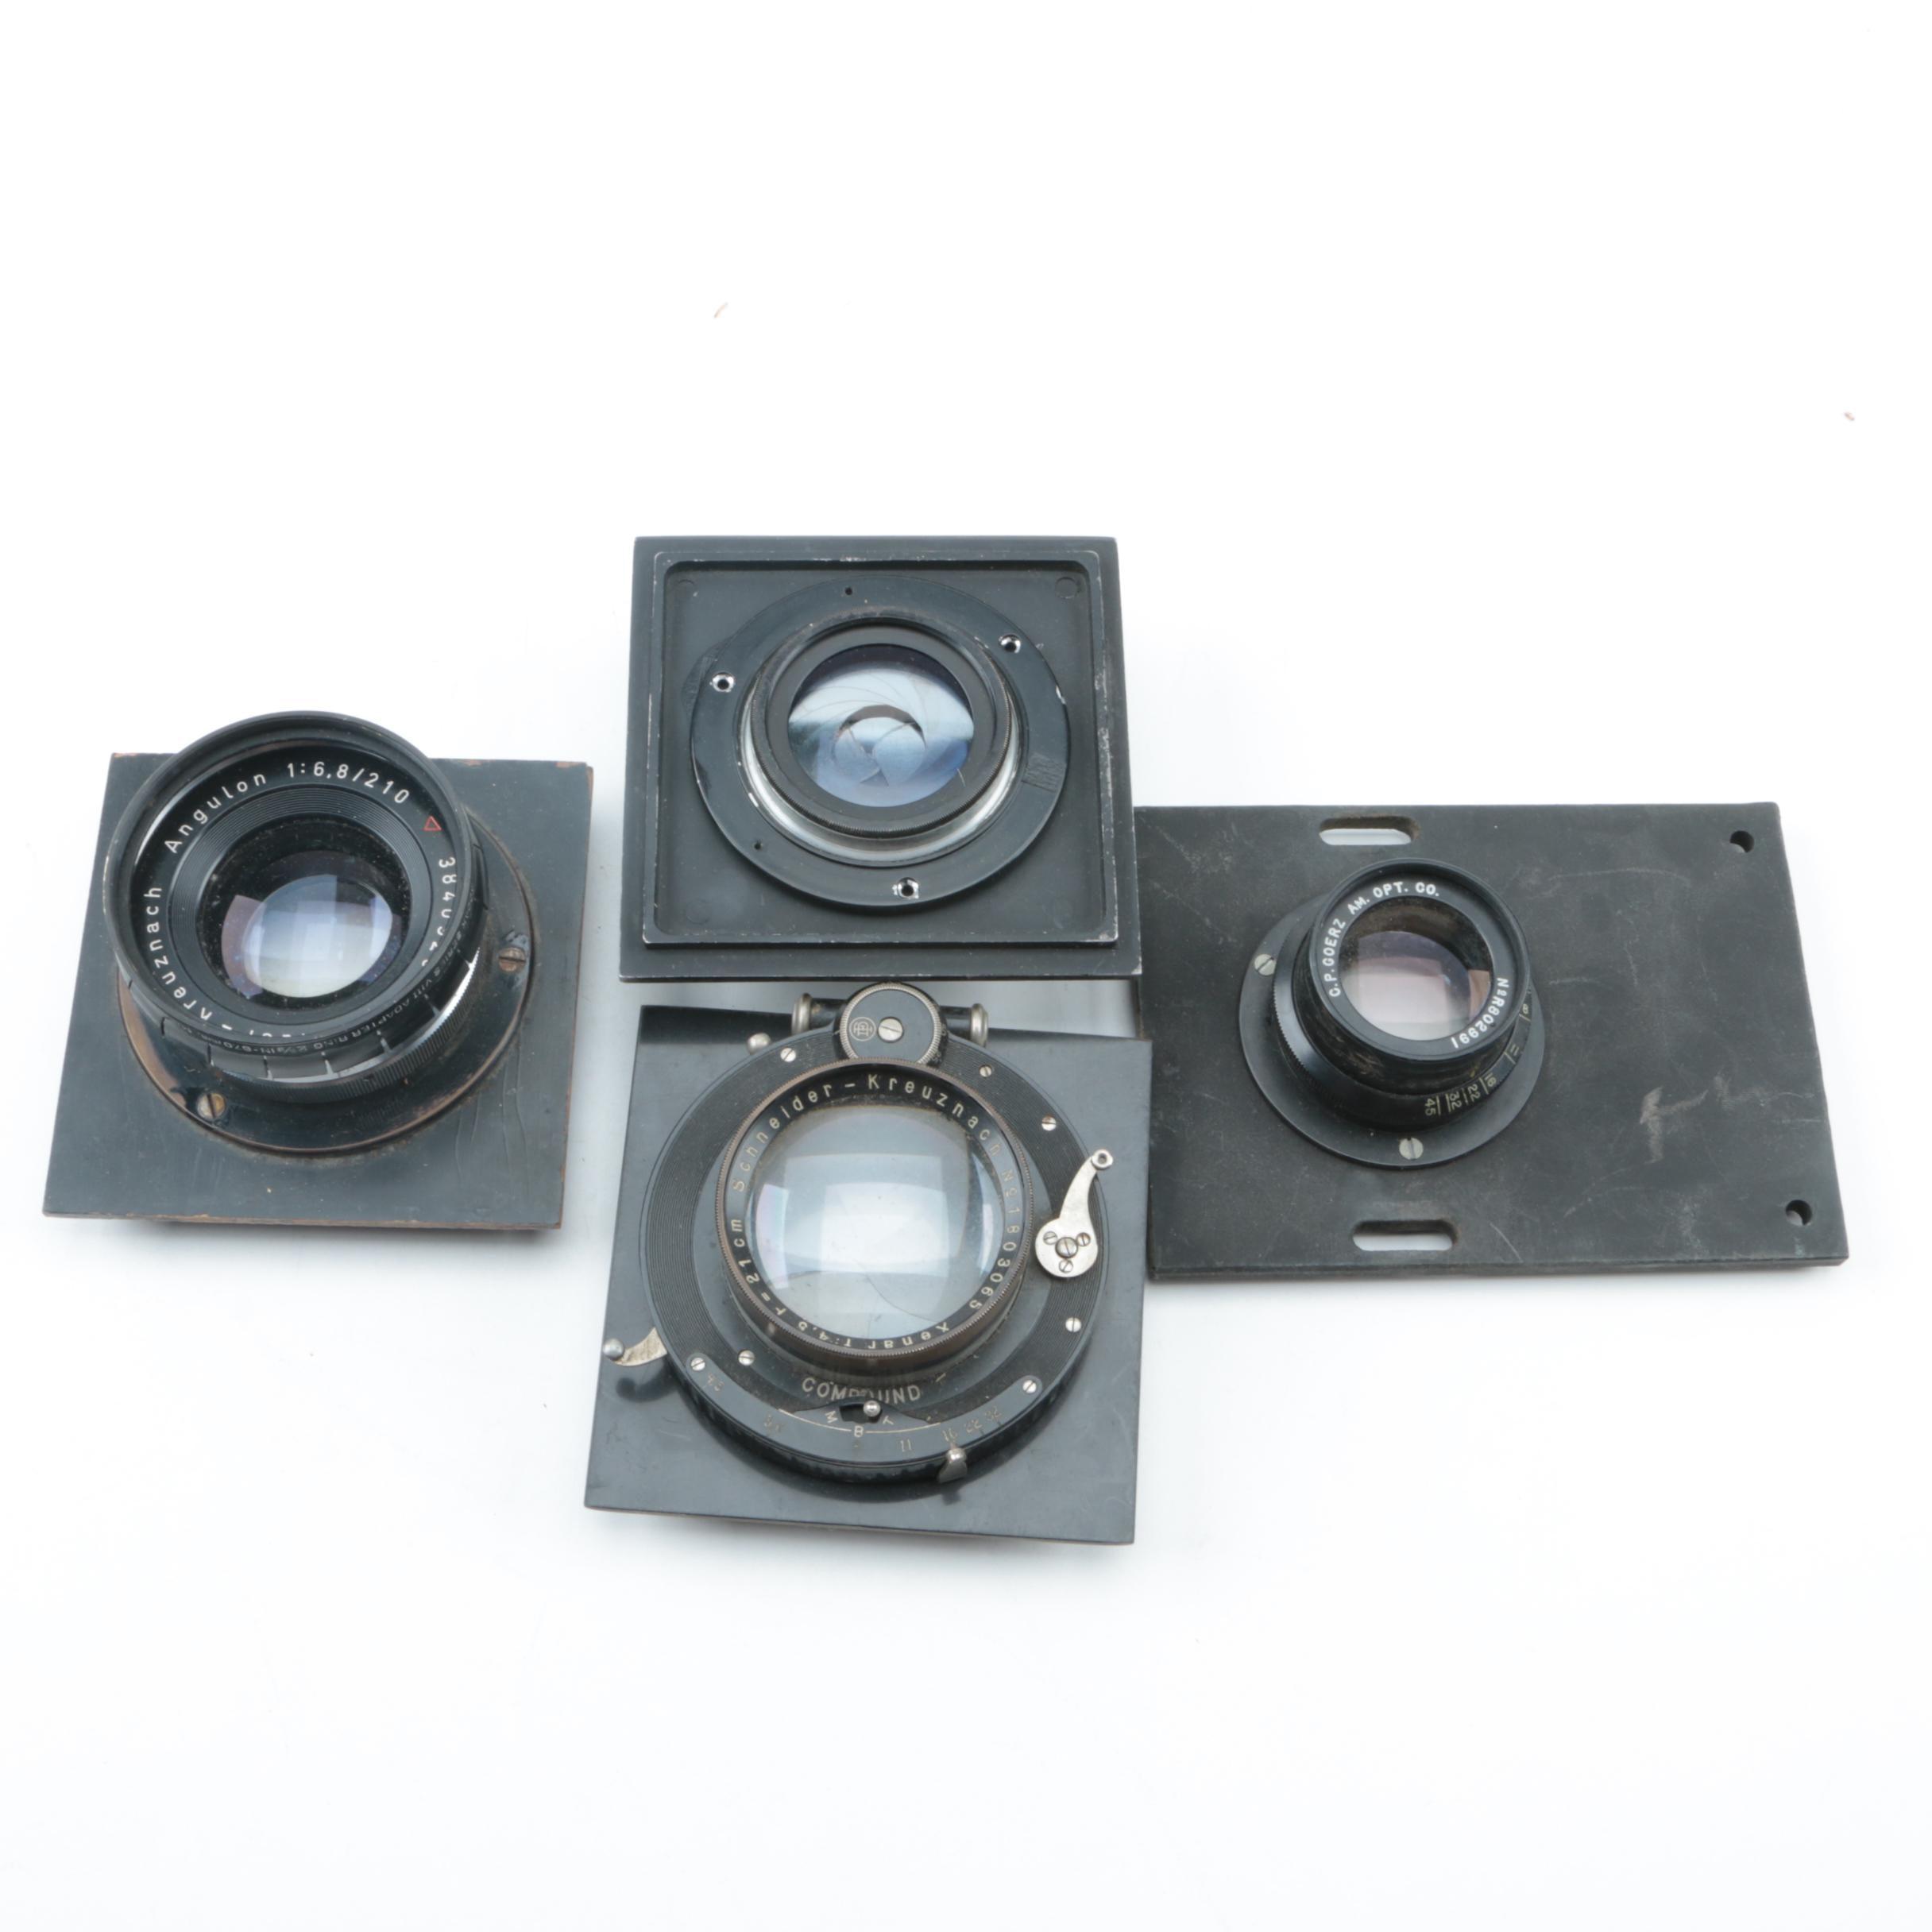 Vintage Large Format Camera Lenses Featuring Schneider-Kreuznach